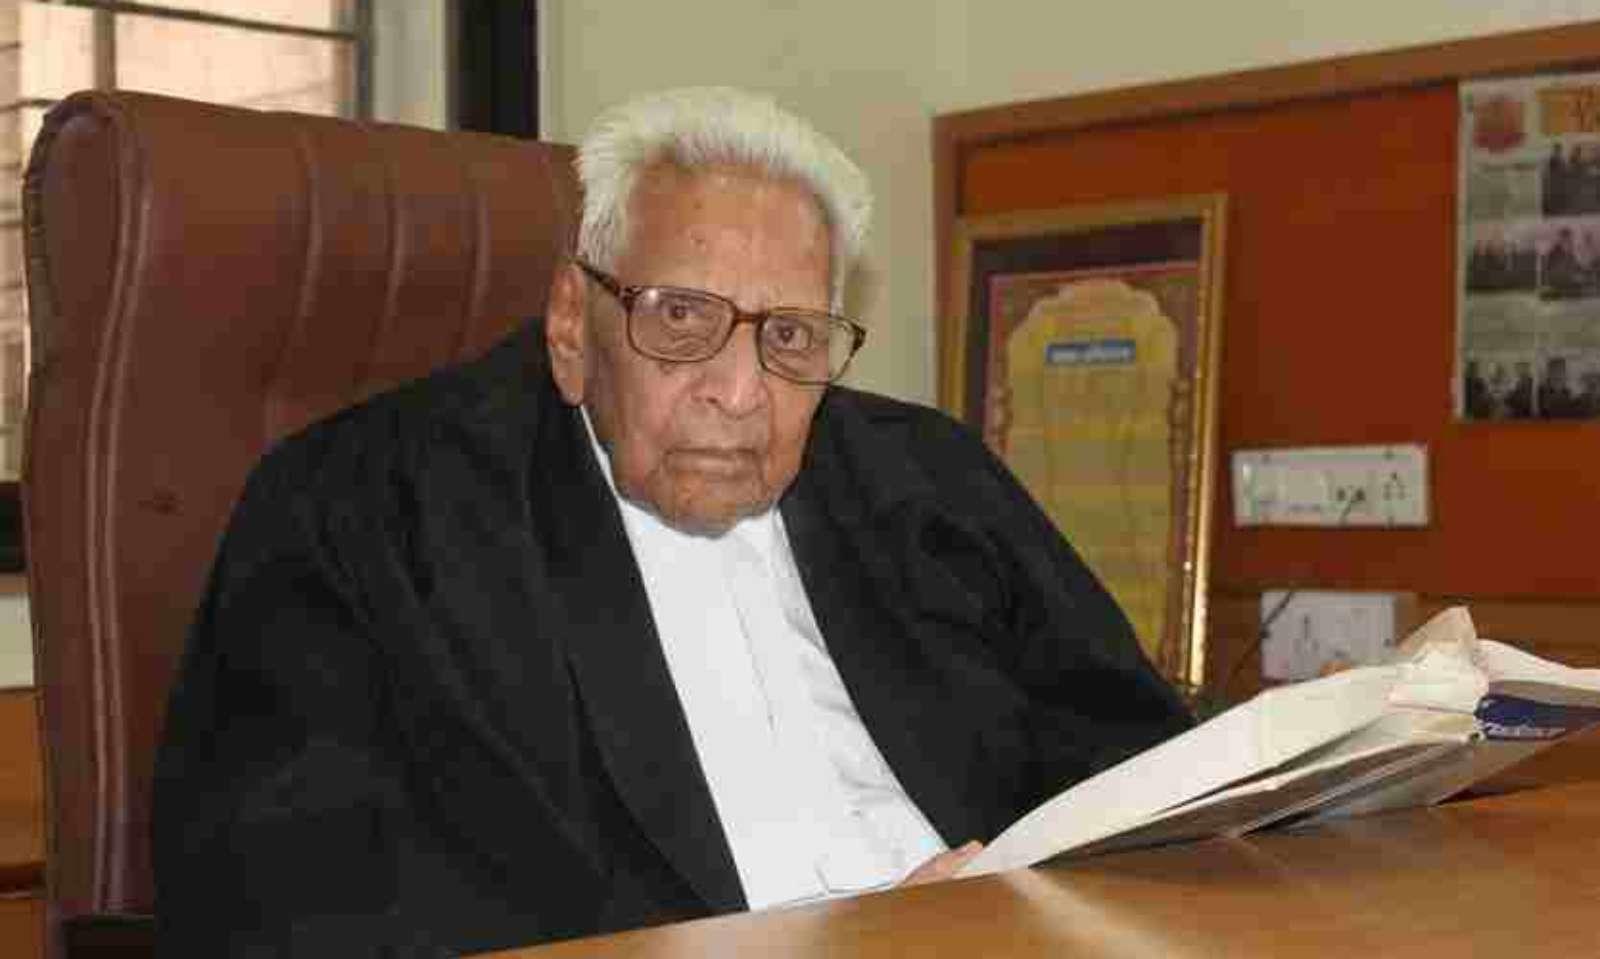 नए वकीलों को अपने कार्यों से अपनी गंभीरता का परिचय देना चाहिए', 100 वर्षीय  वकील लेखराज मेहता से लाइव लॉ की ख़ास बातचीत | interview with advocate lekhraj  mehta